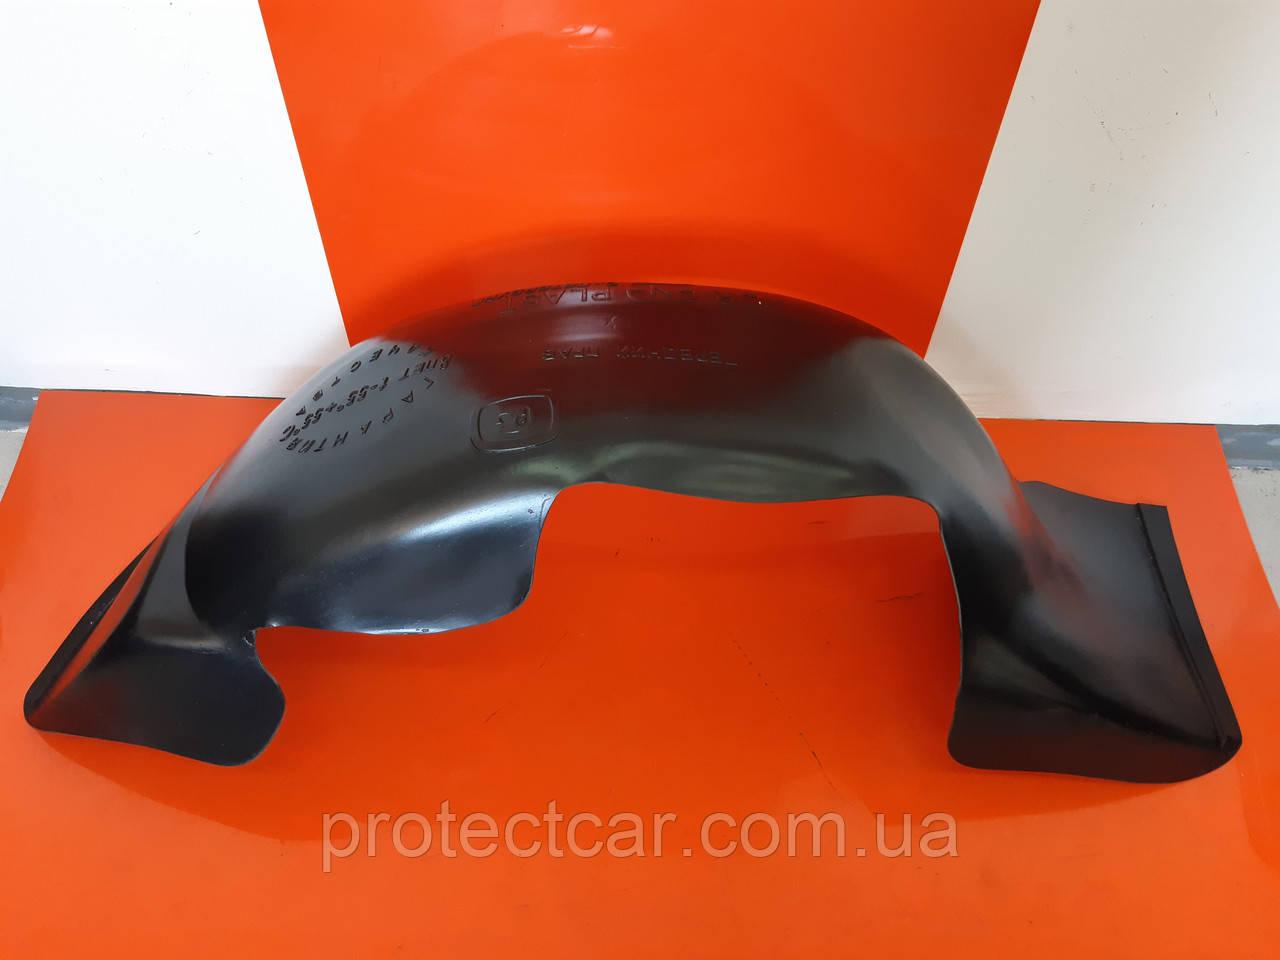 Подкрылки передние защита арок MERCEDES W123